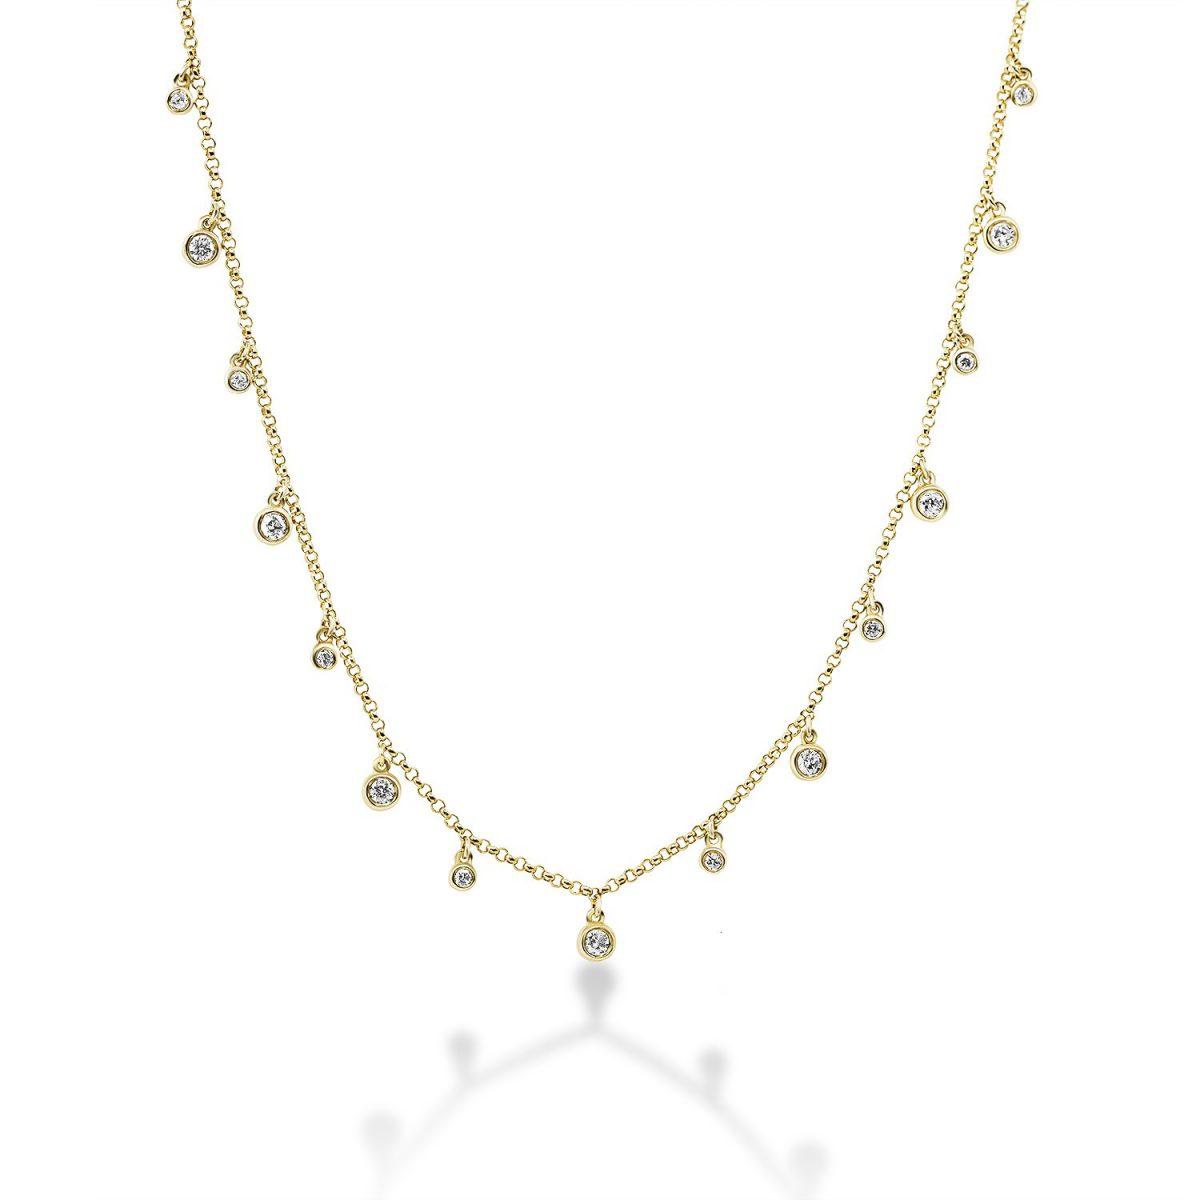 שרשרת יהלומים - ליז - זהב צהוב